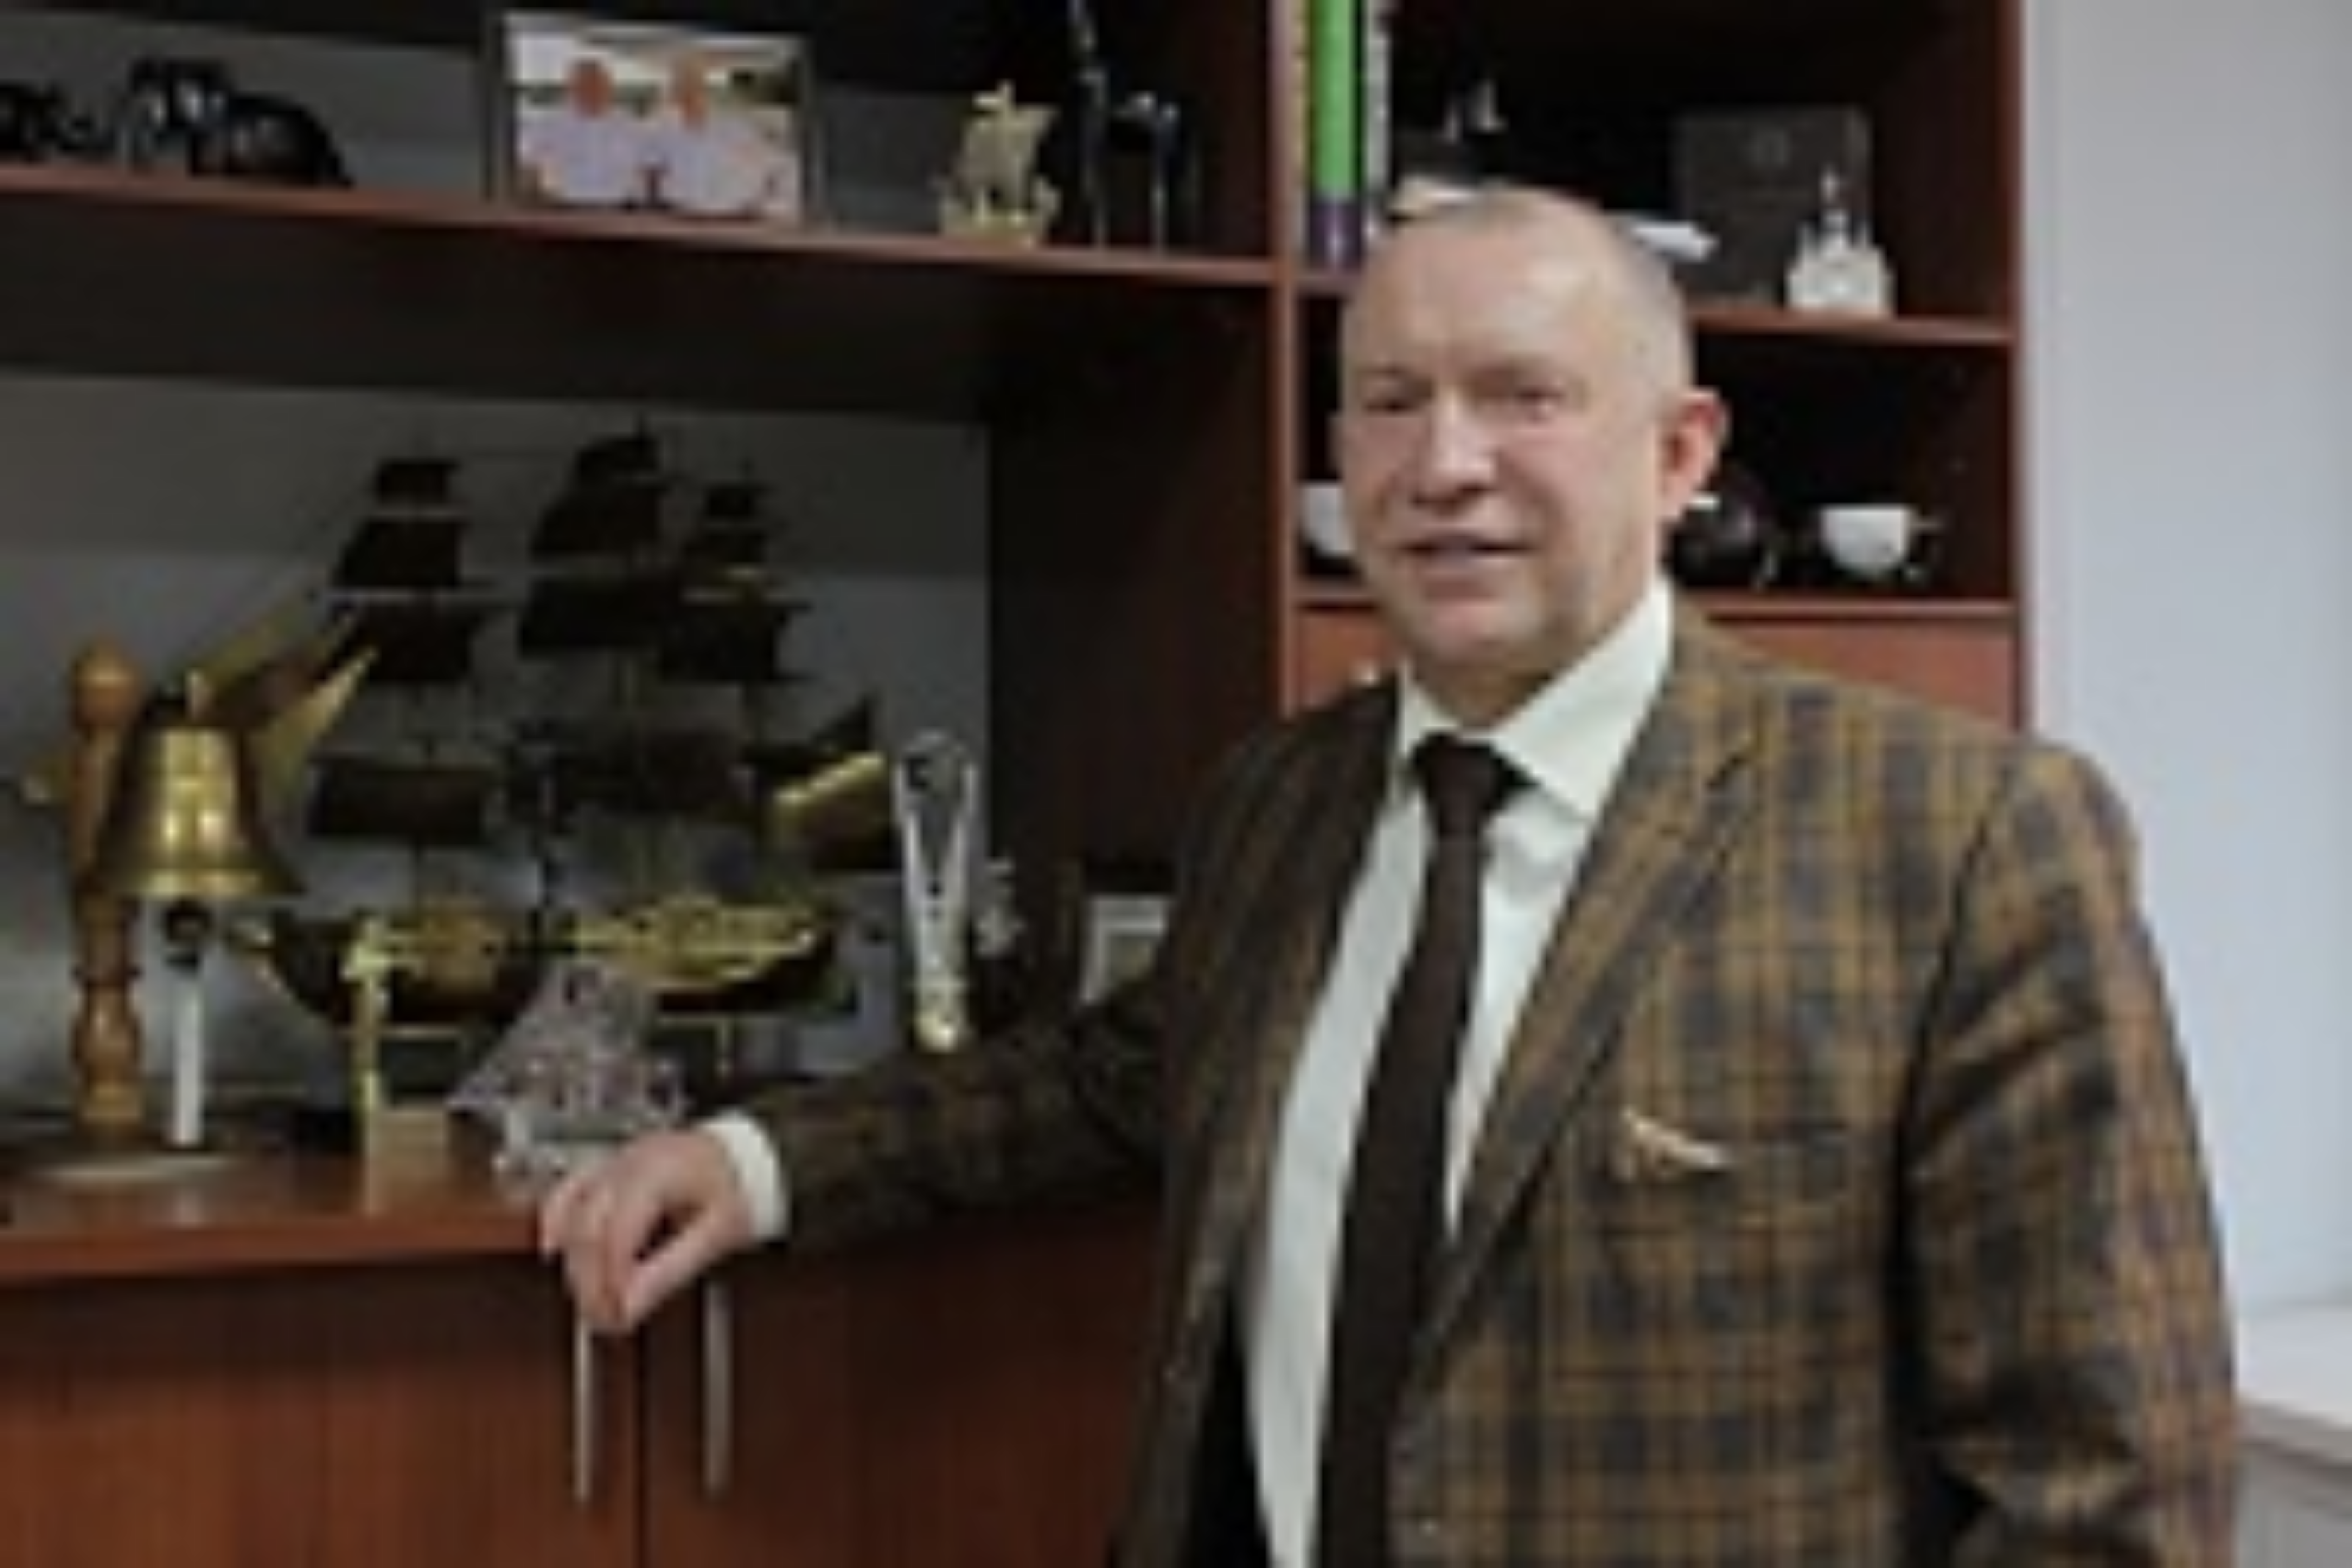 - Не ищите нишу в бизнесе, ищите людей для вашего бизнеса! - Игорь Жаринов, президент торгово-промышленной палаты Новороссийска